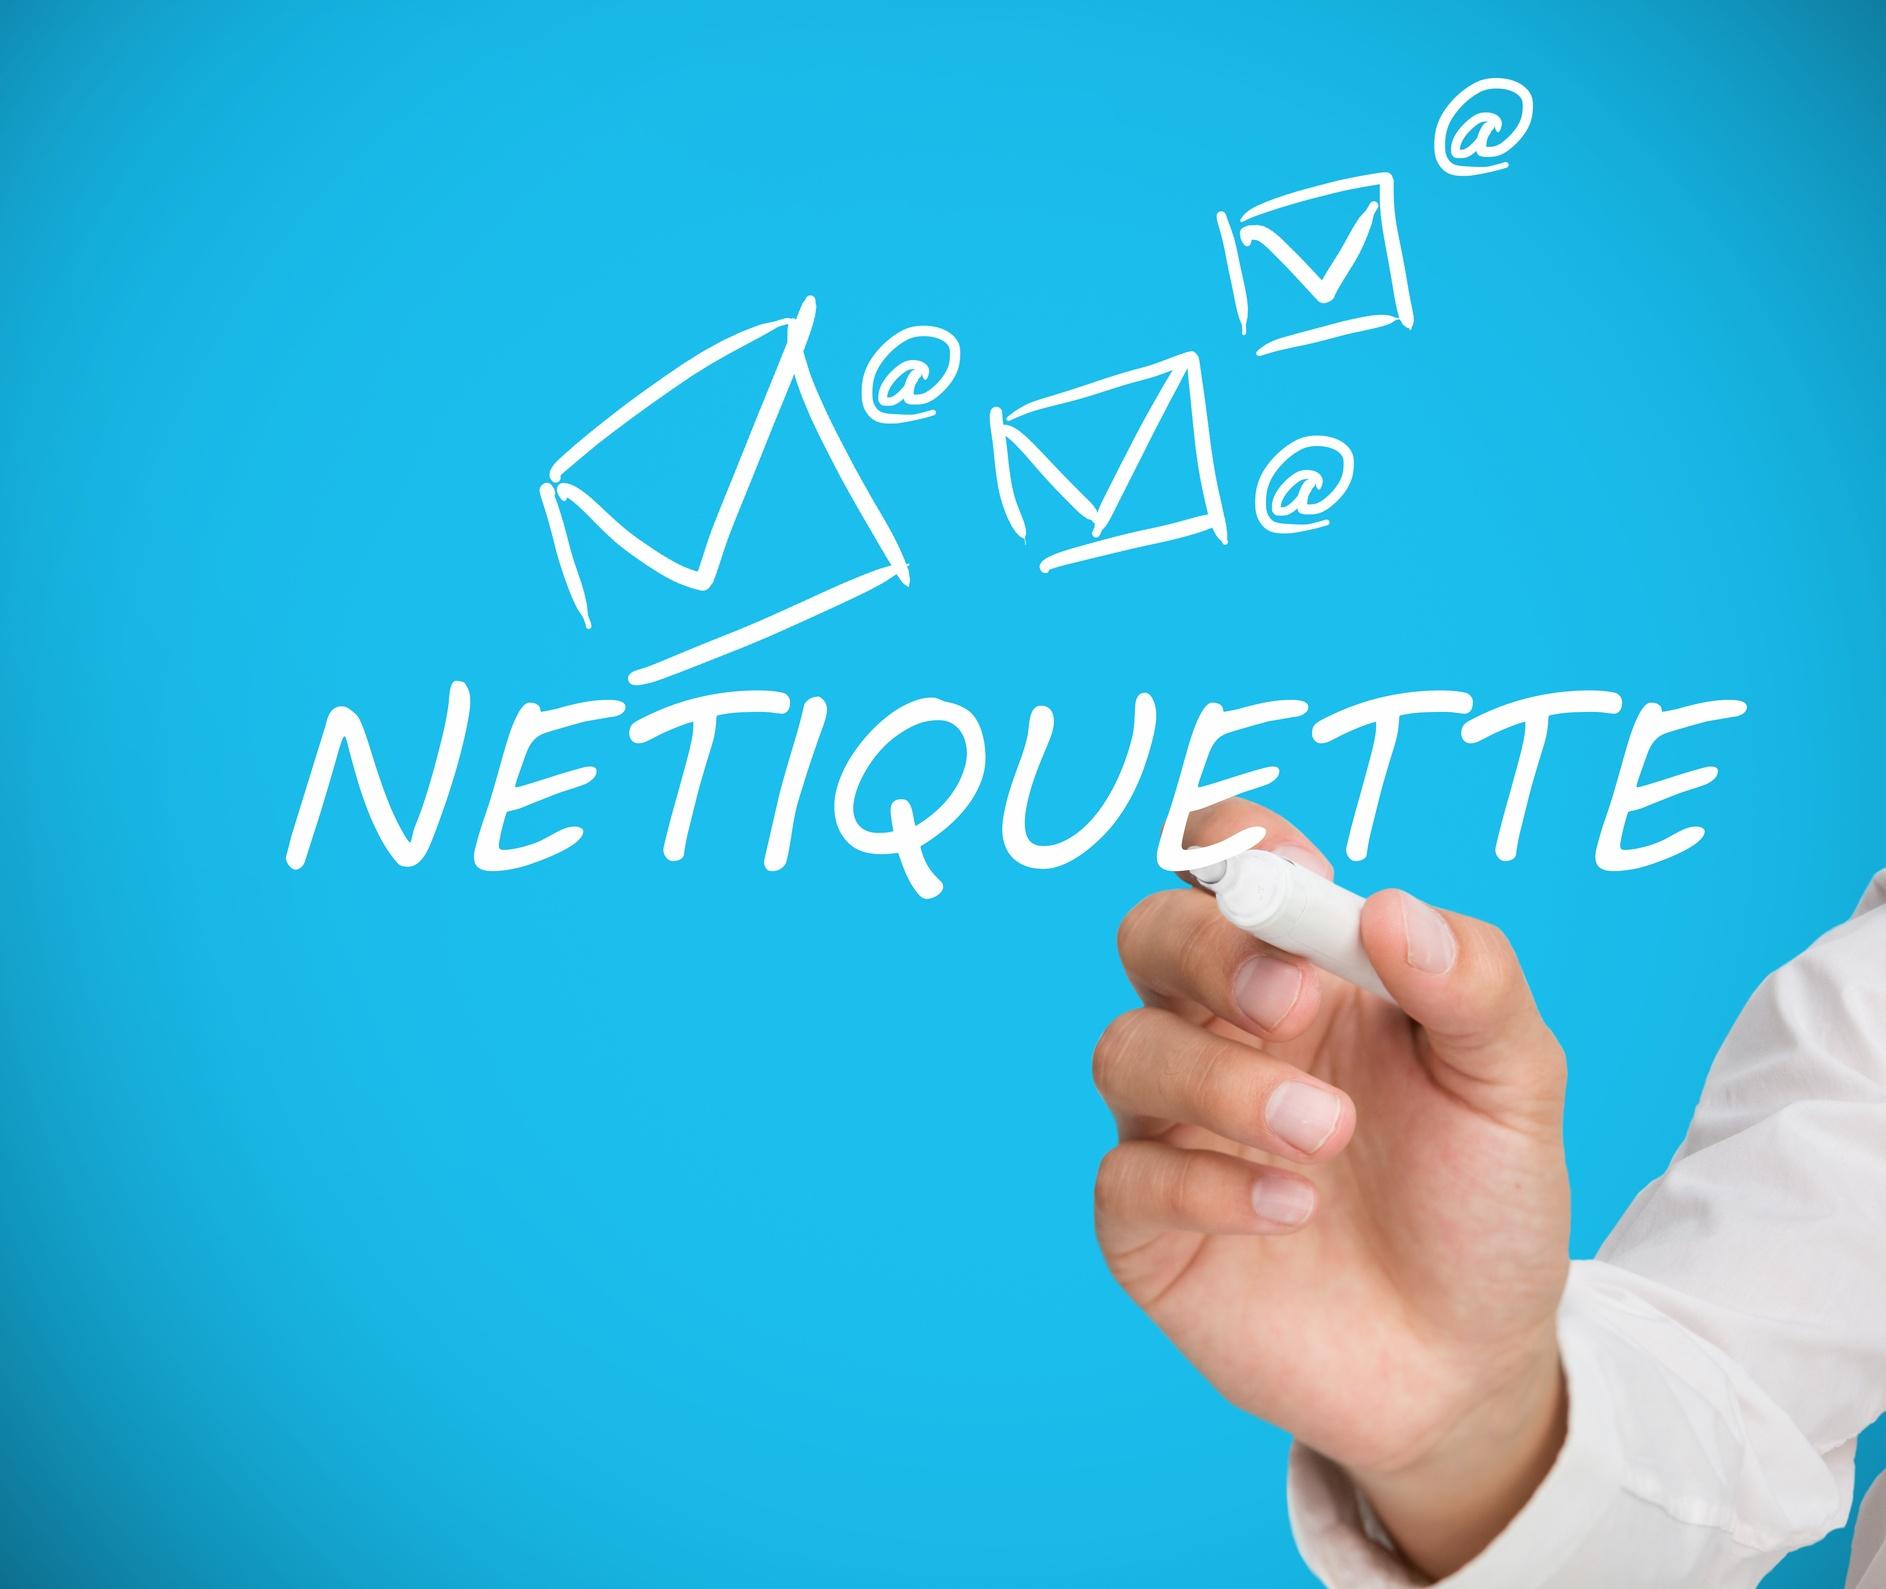 Social Media Netiquette: 7 Online Etiquette Tips for Small Businesses